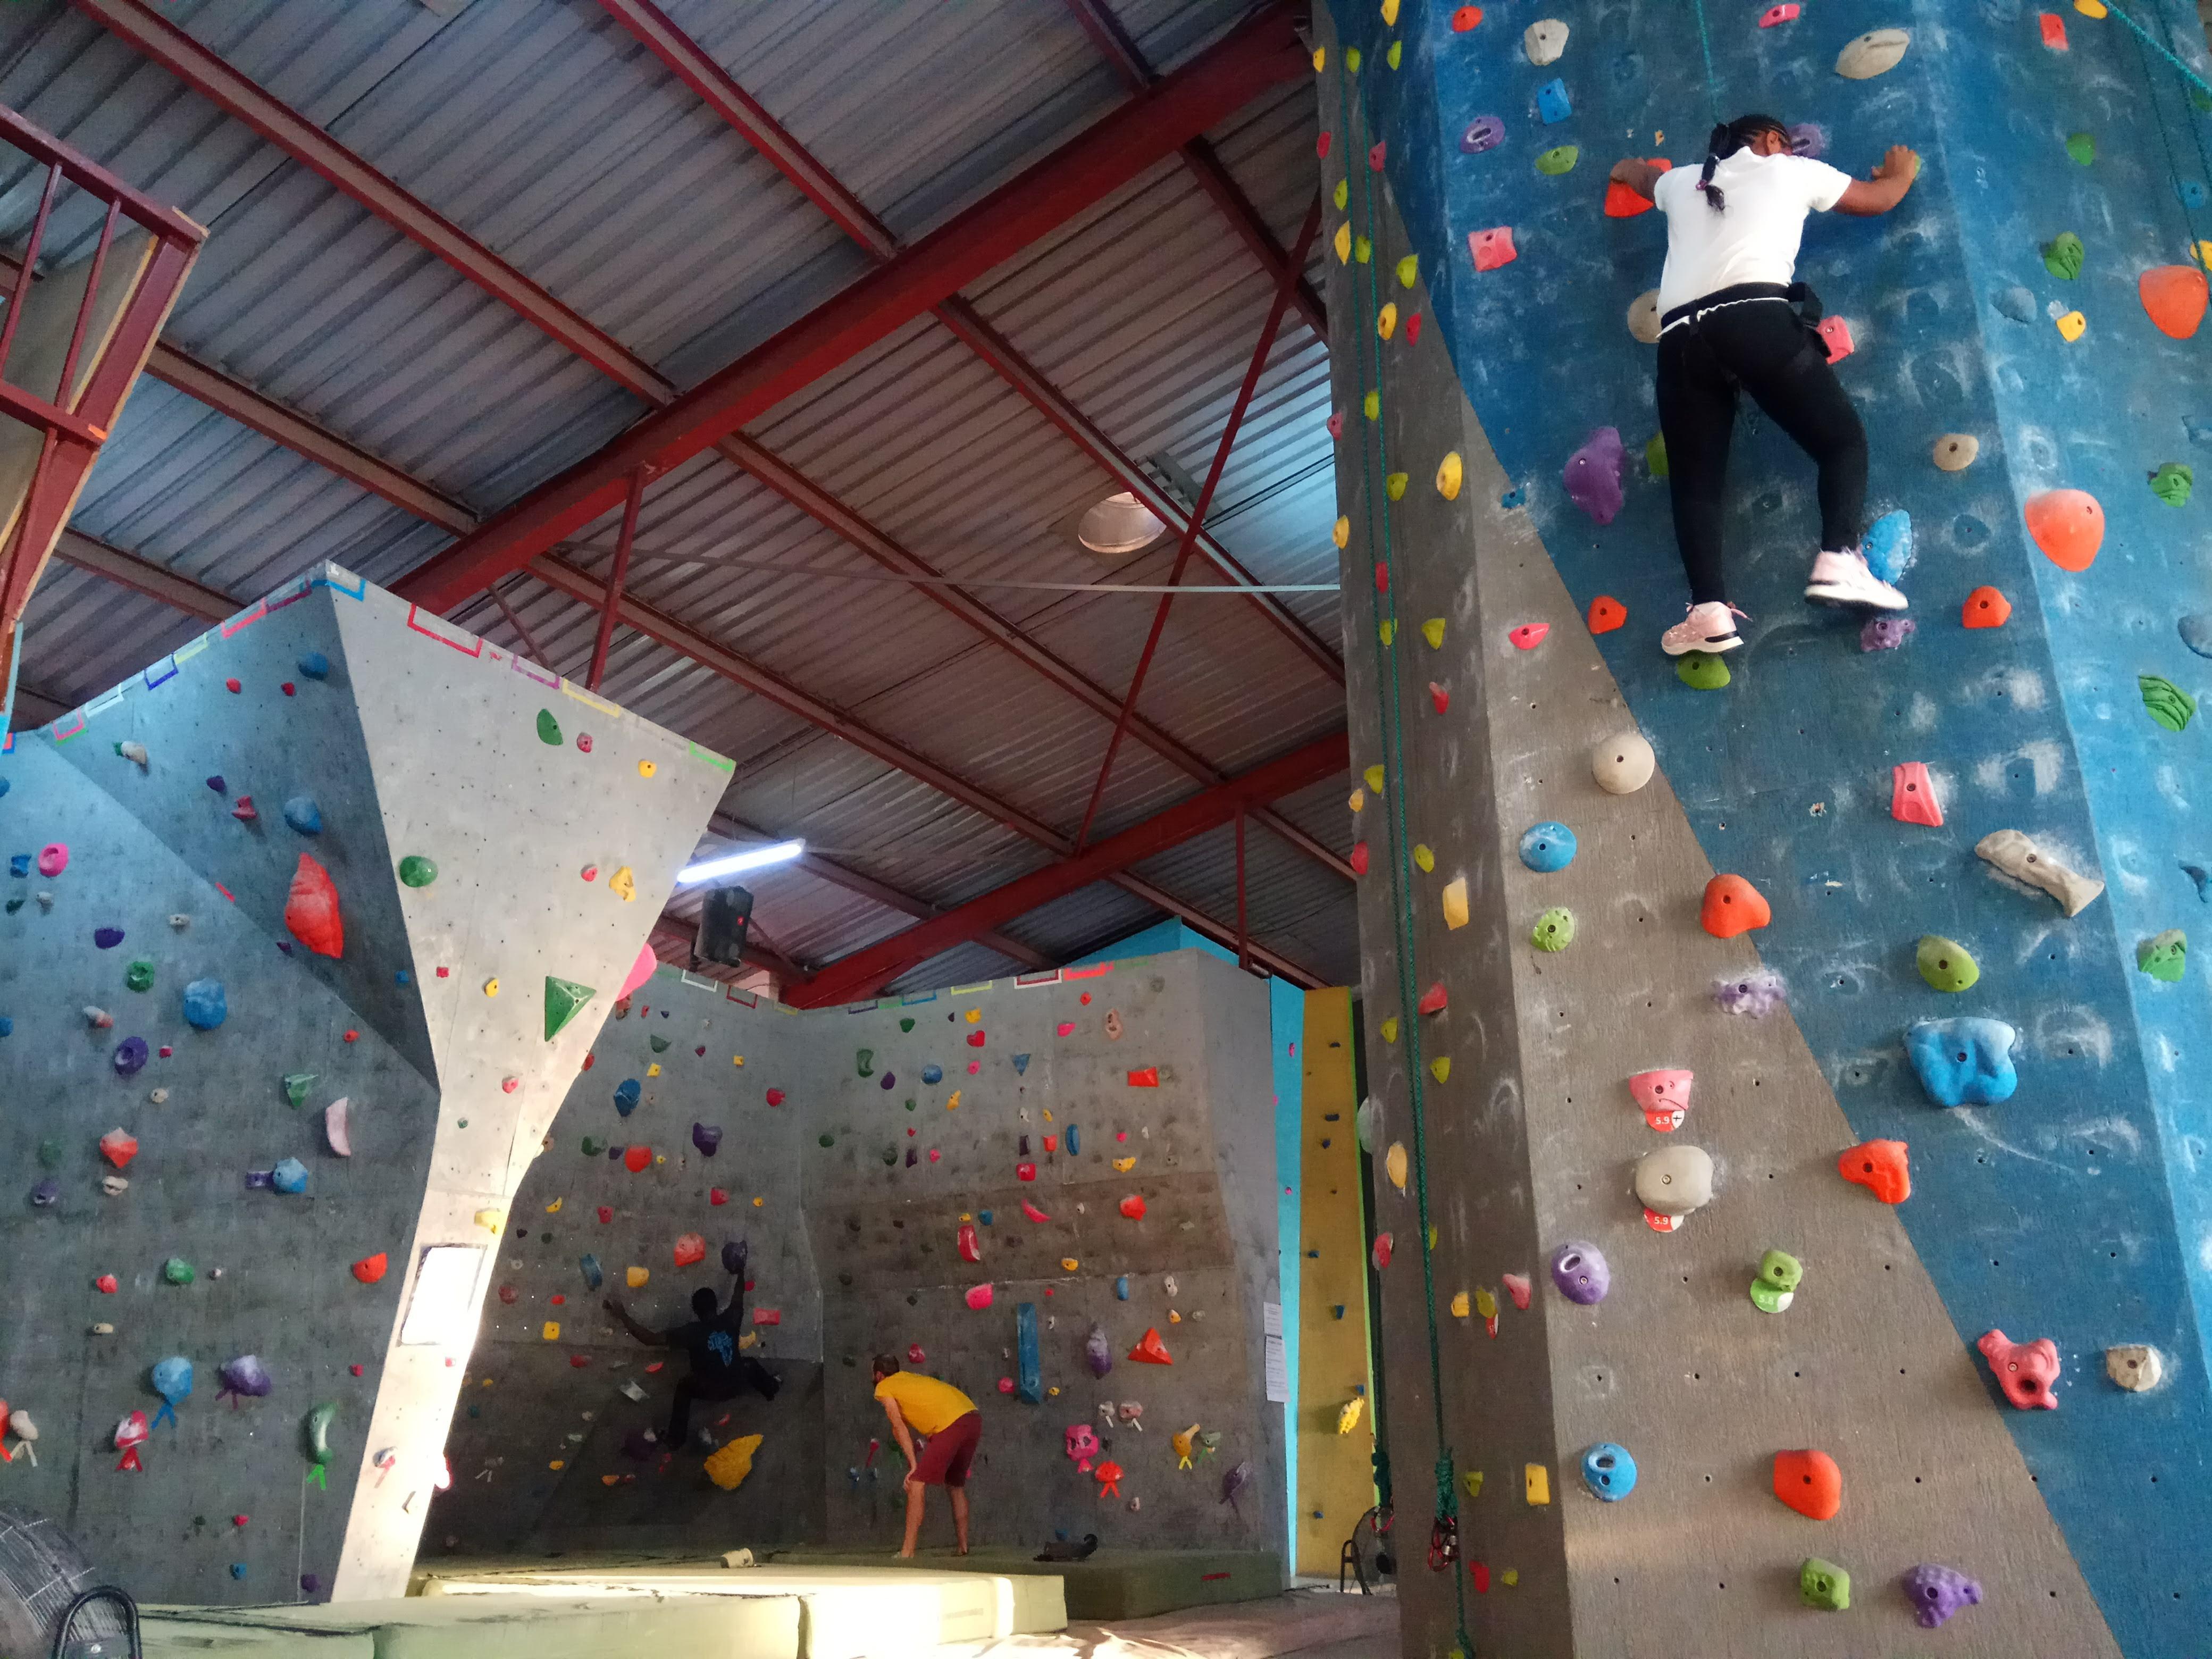 A view inside BlueSky Climbing Gym